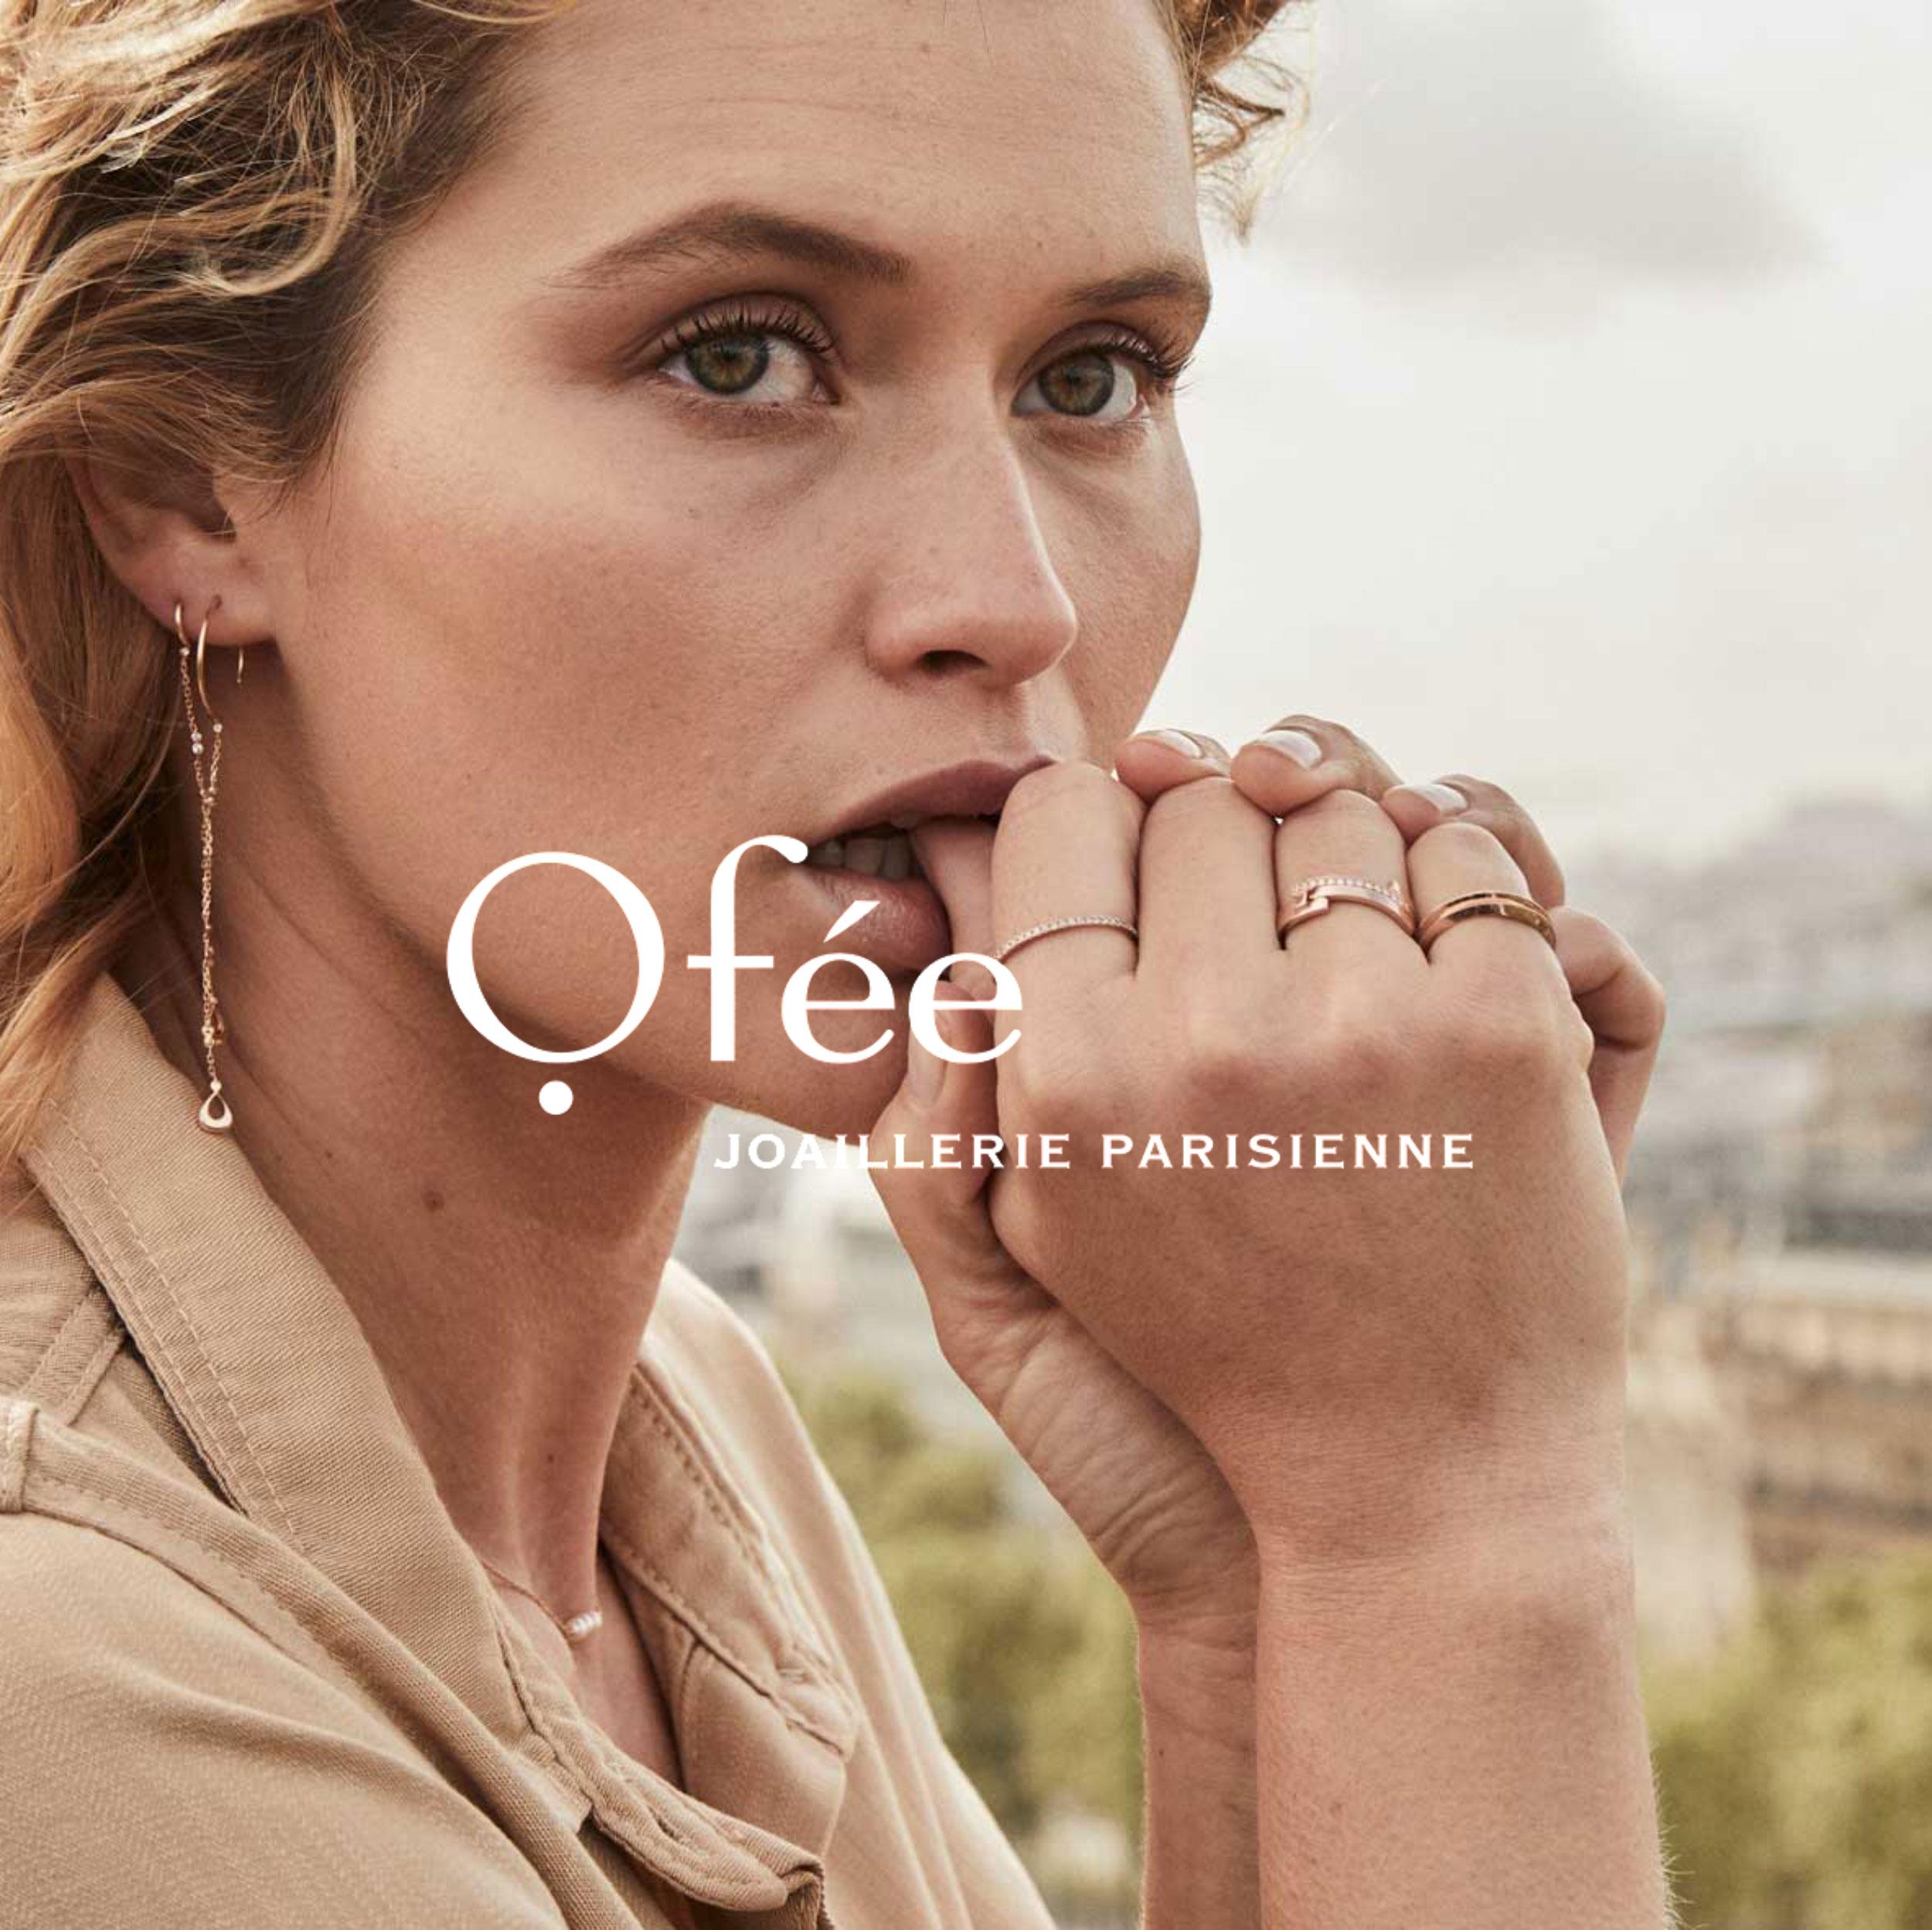 COUV-OFEE-PARIS-LWAS